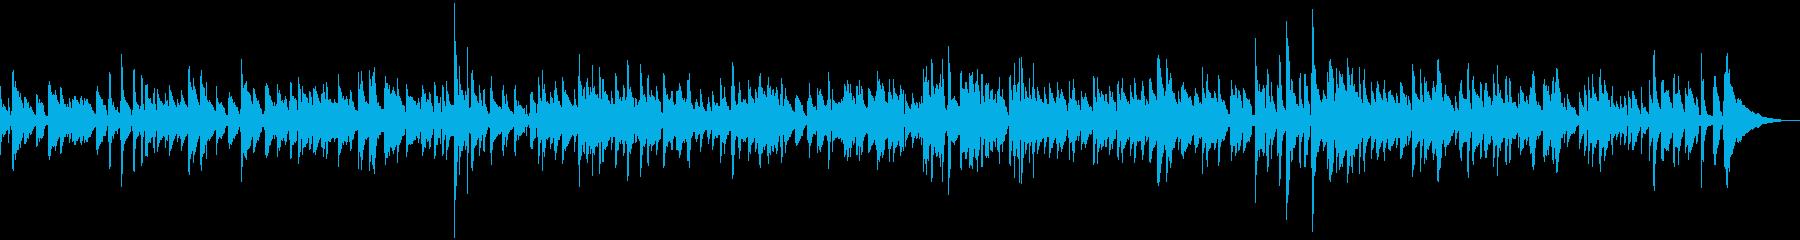 生ギター ゆっくりめカントリー風ブルースの再生済みの波形